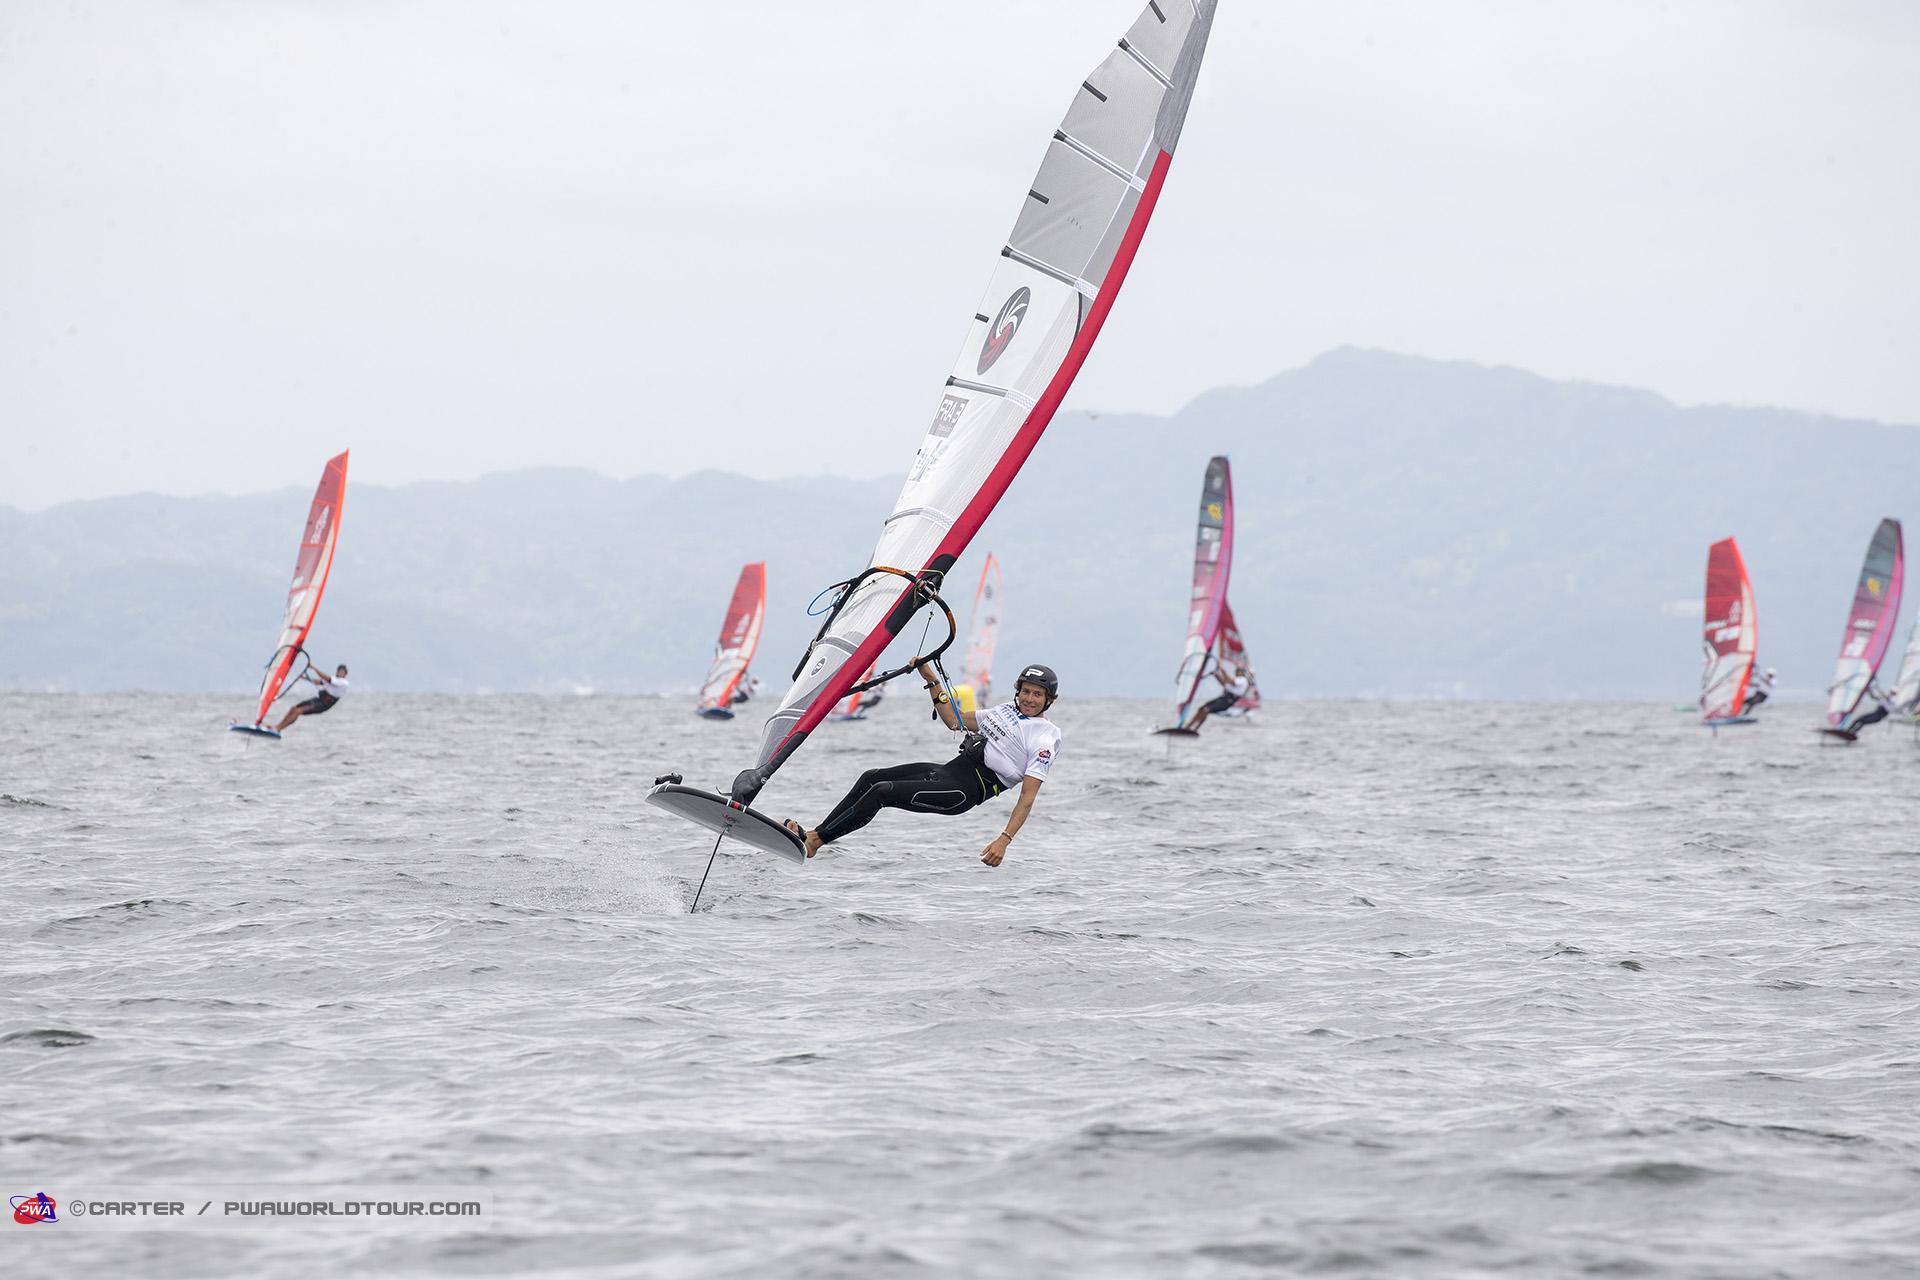 JP19_fl_Goyard_cruising.jpg